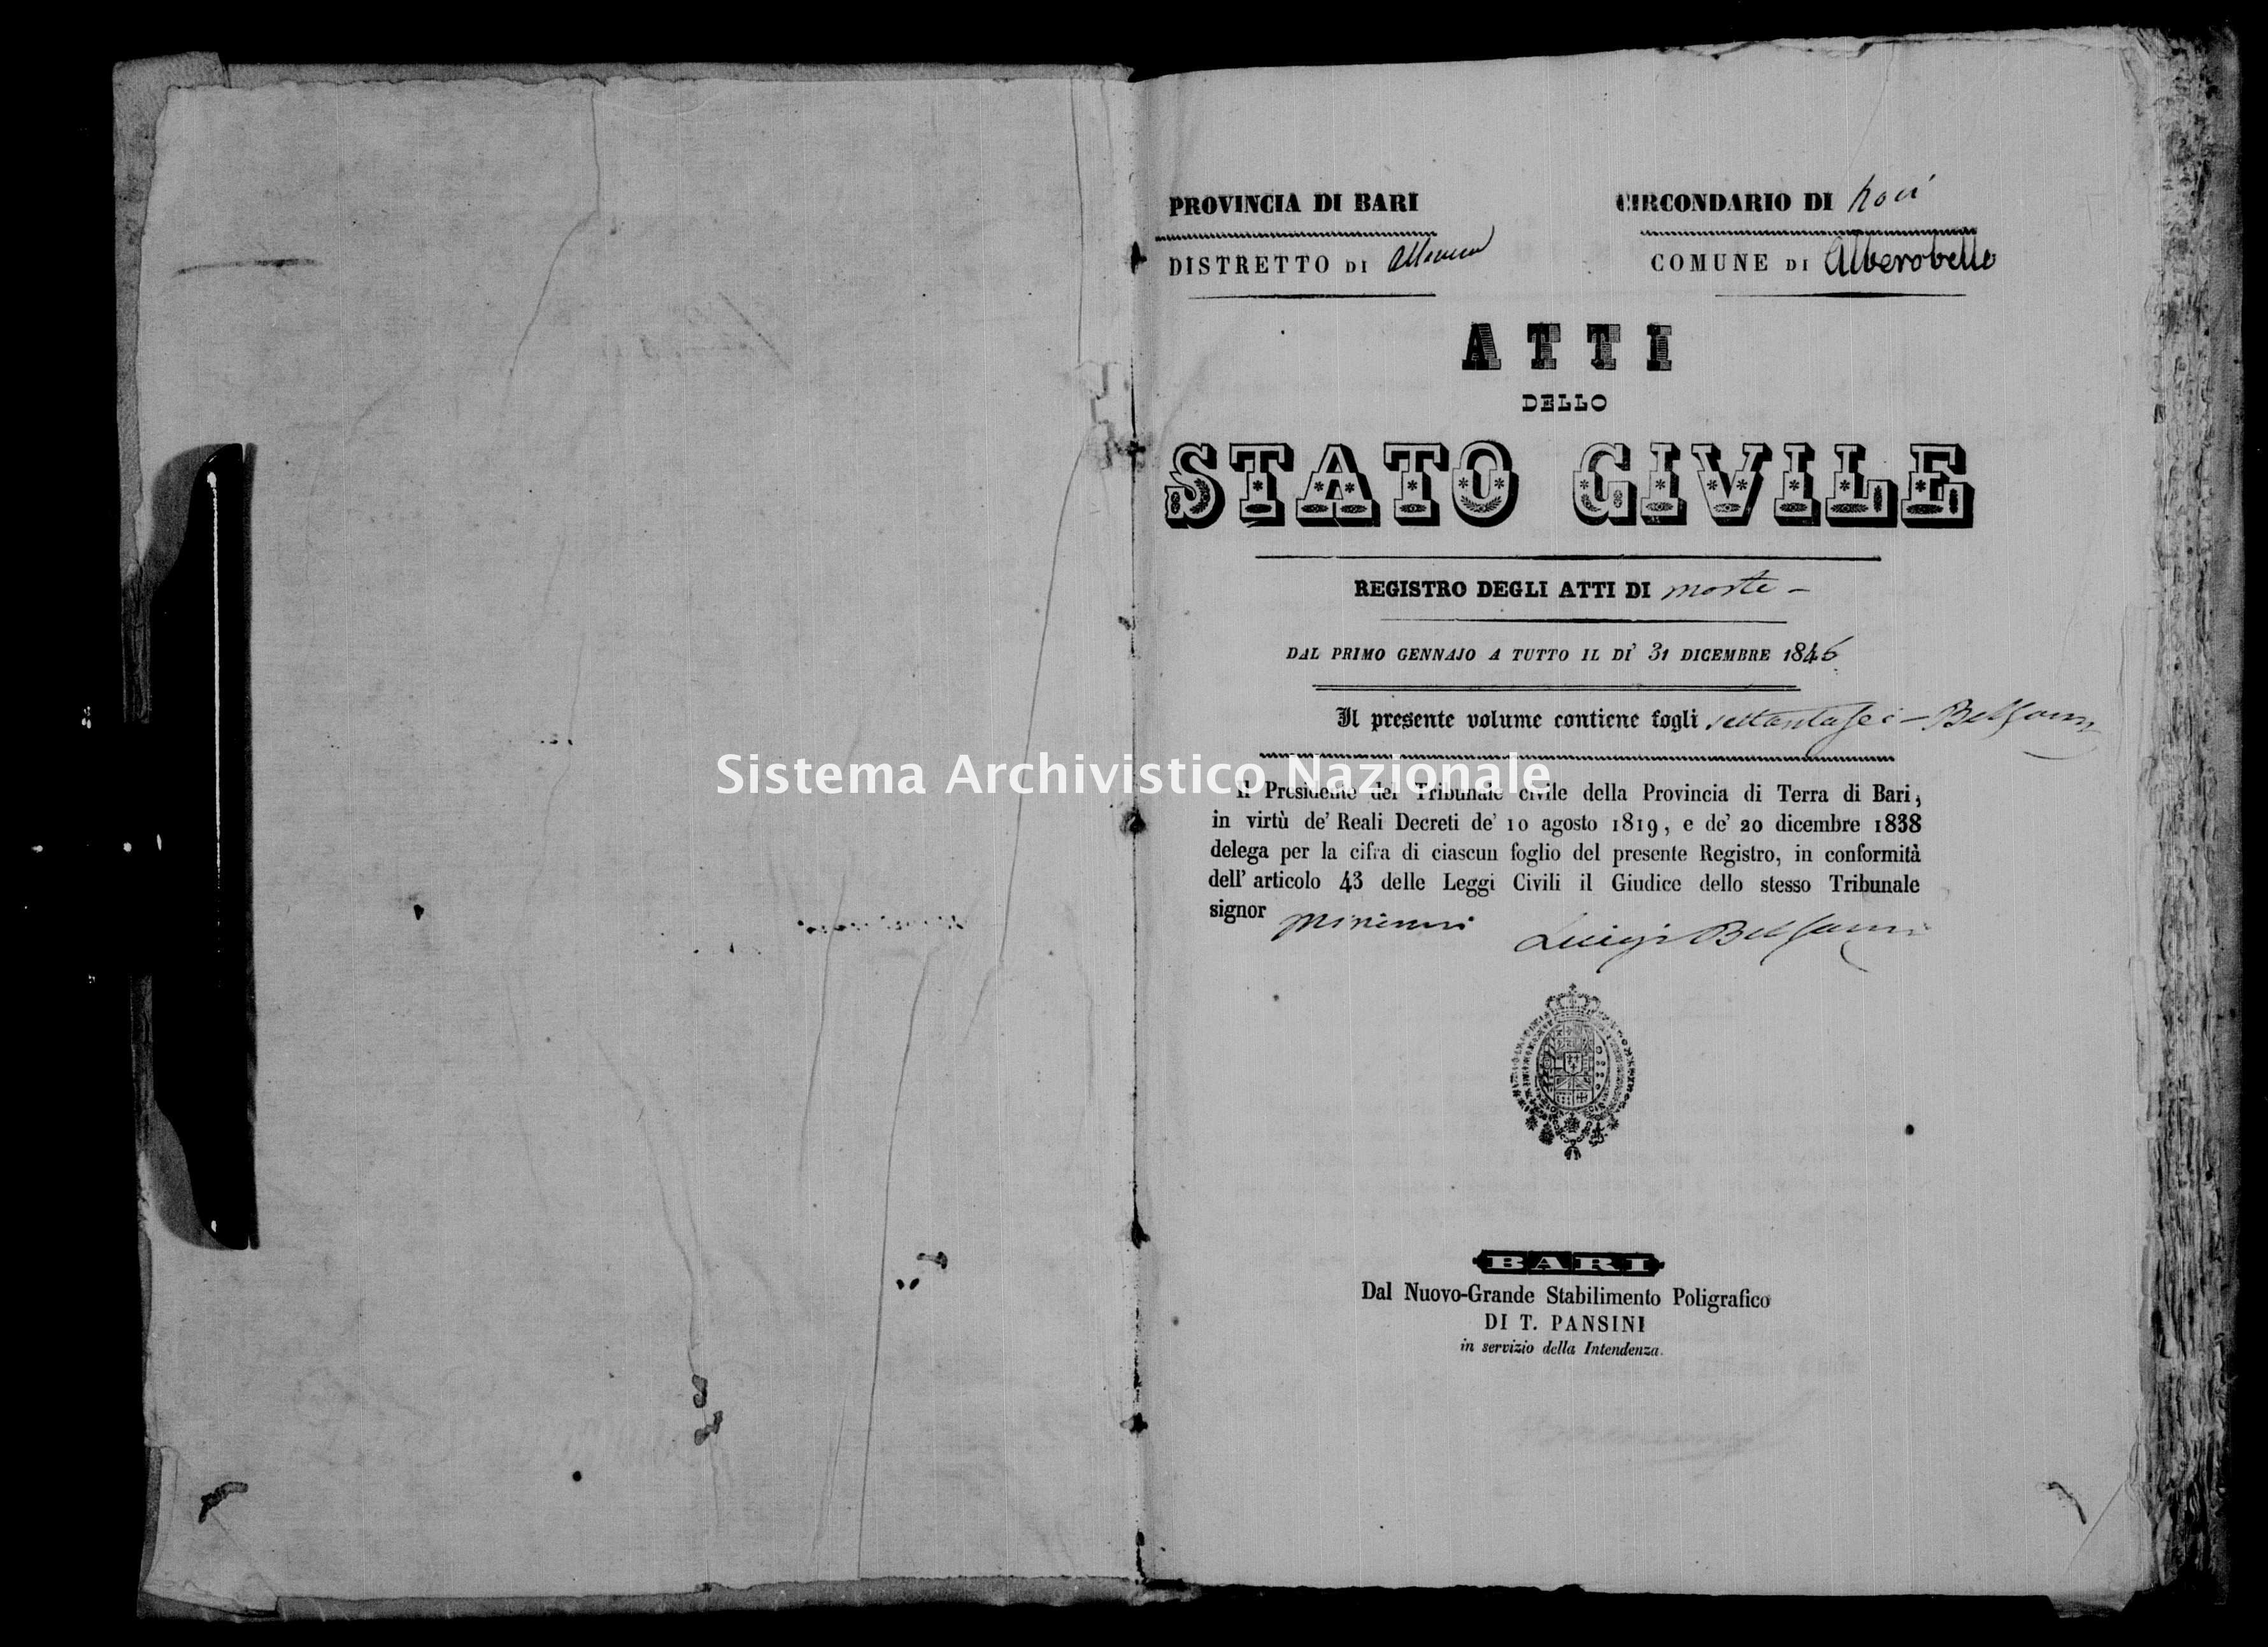 Archivio di stato di Bari - Stato civile della restaurazione - Alberobello - Morti - 1846 -